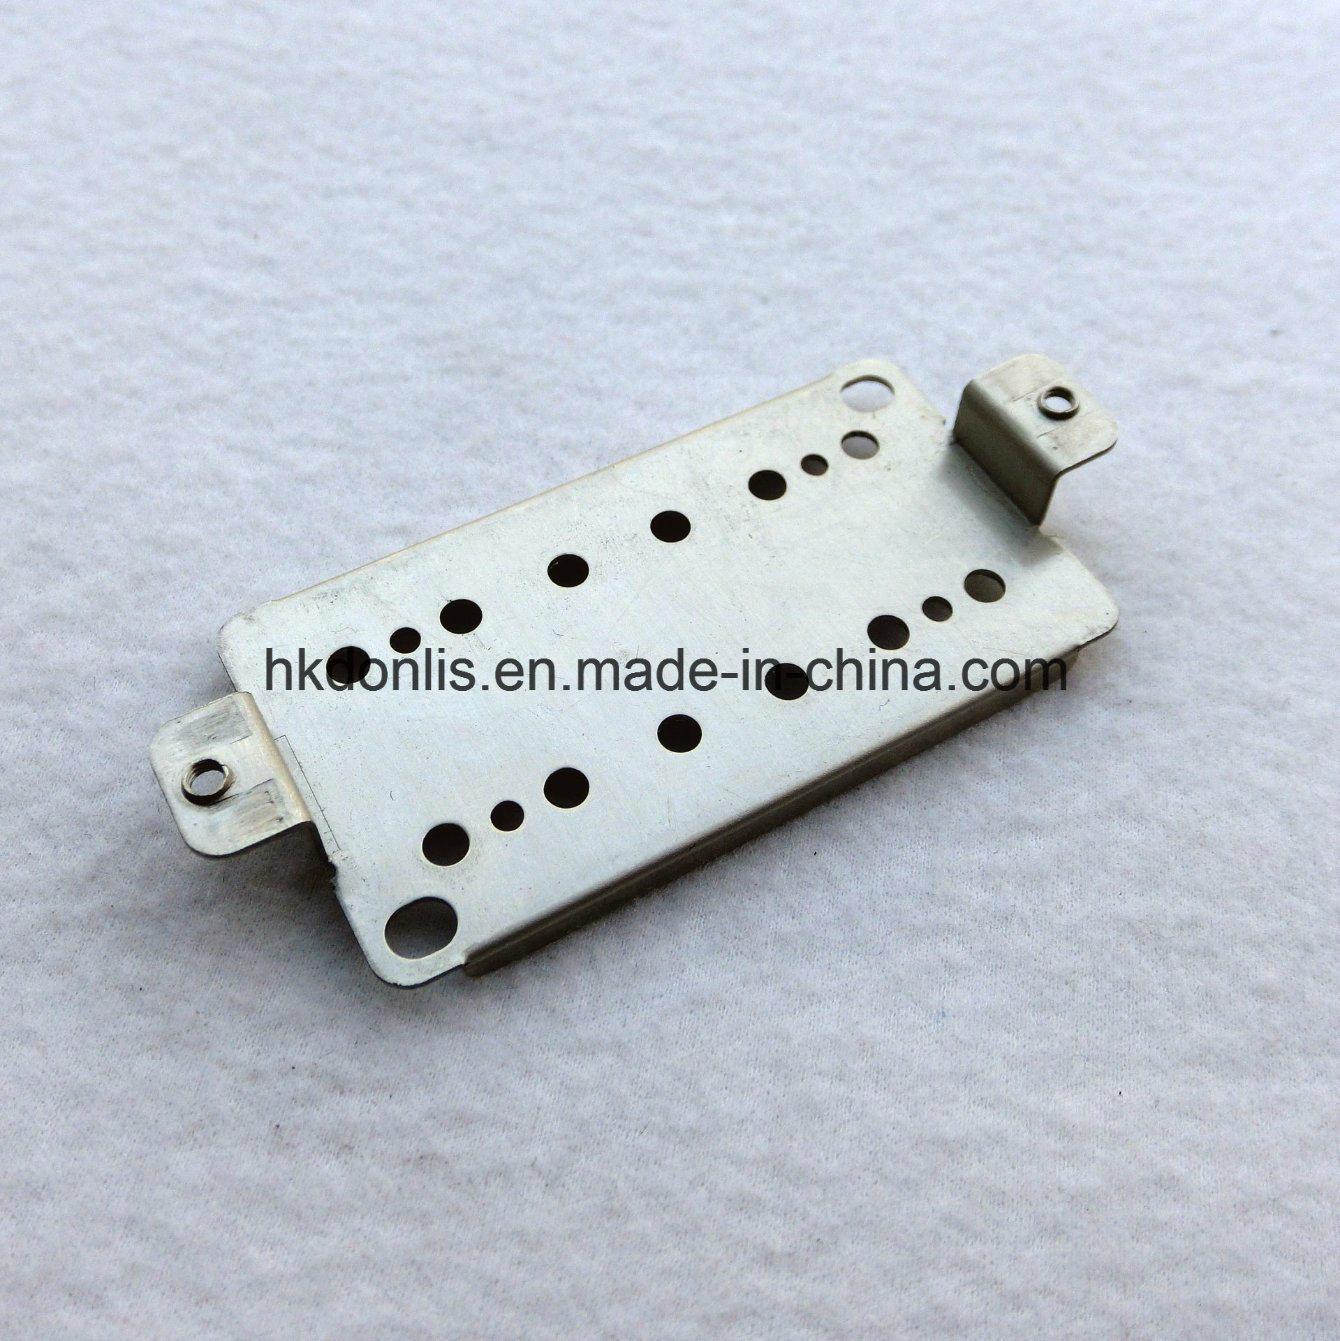 China Guitar Pickup Parts Nickel Silver Humbucker Pickup Baseplate ...